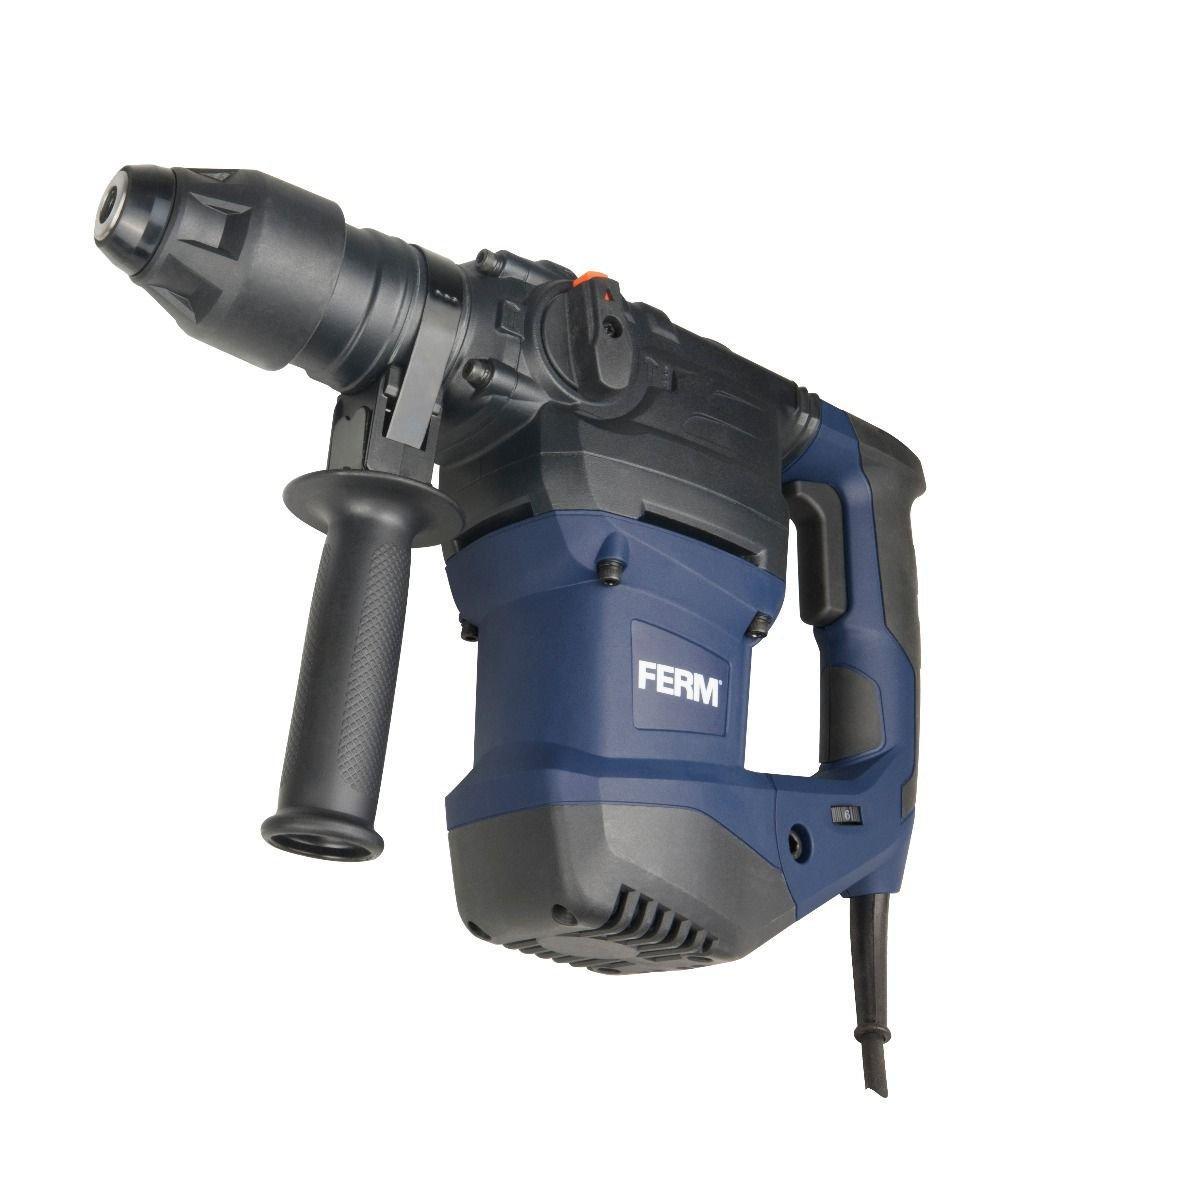 Перфоратор Ferm HDM1037 1500W